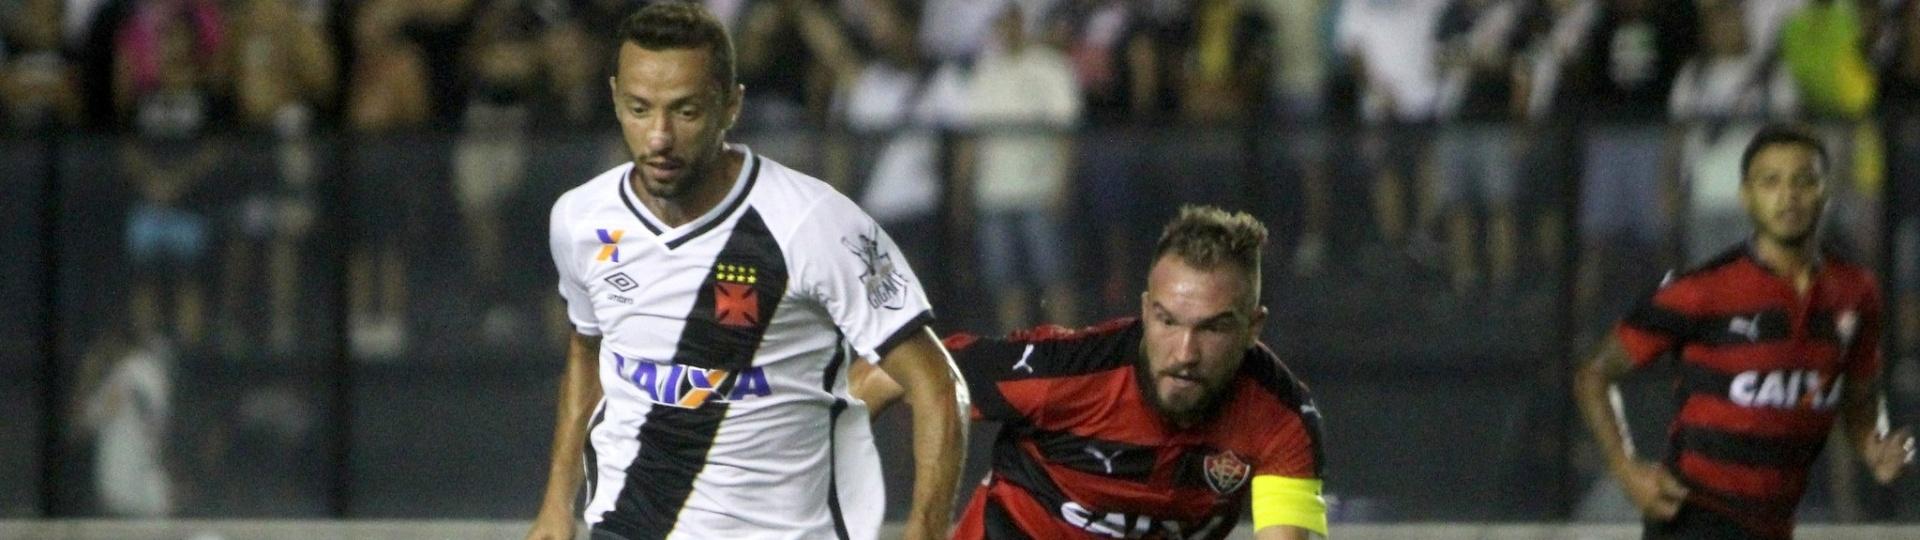 Nenê conduz a bola no duelo Vasco x Vitória